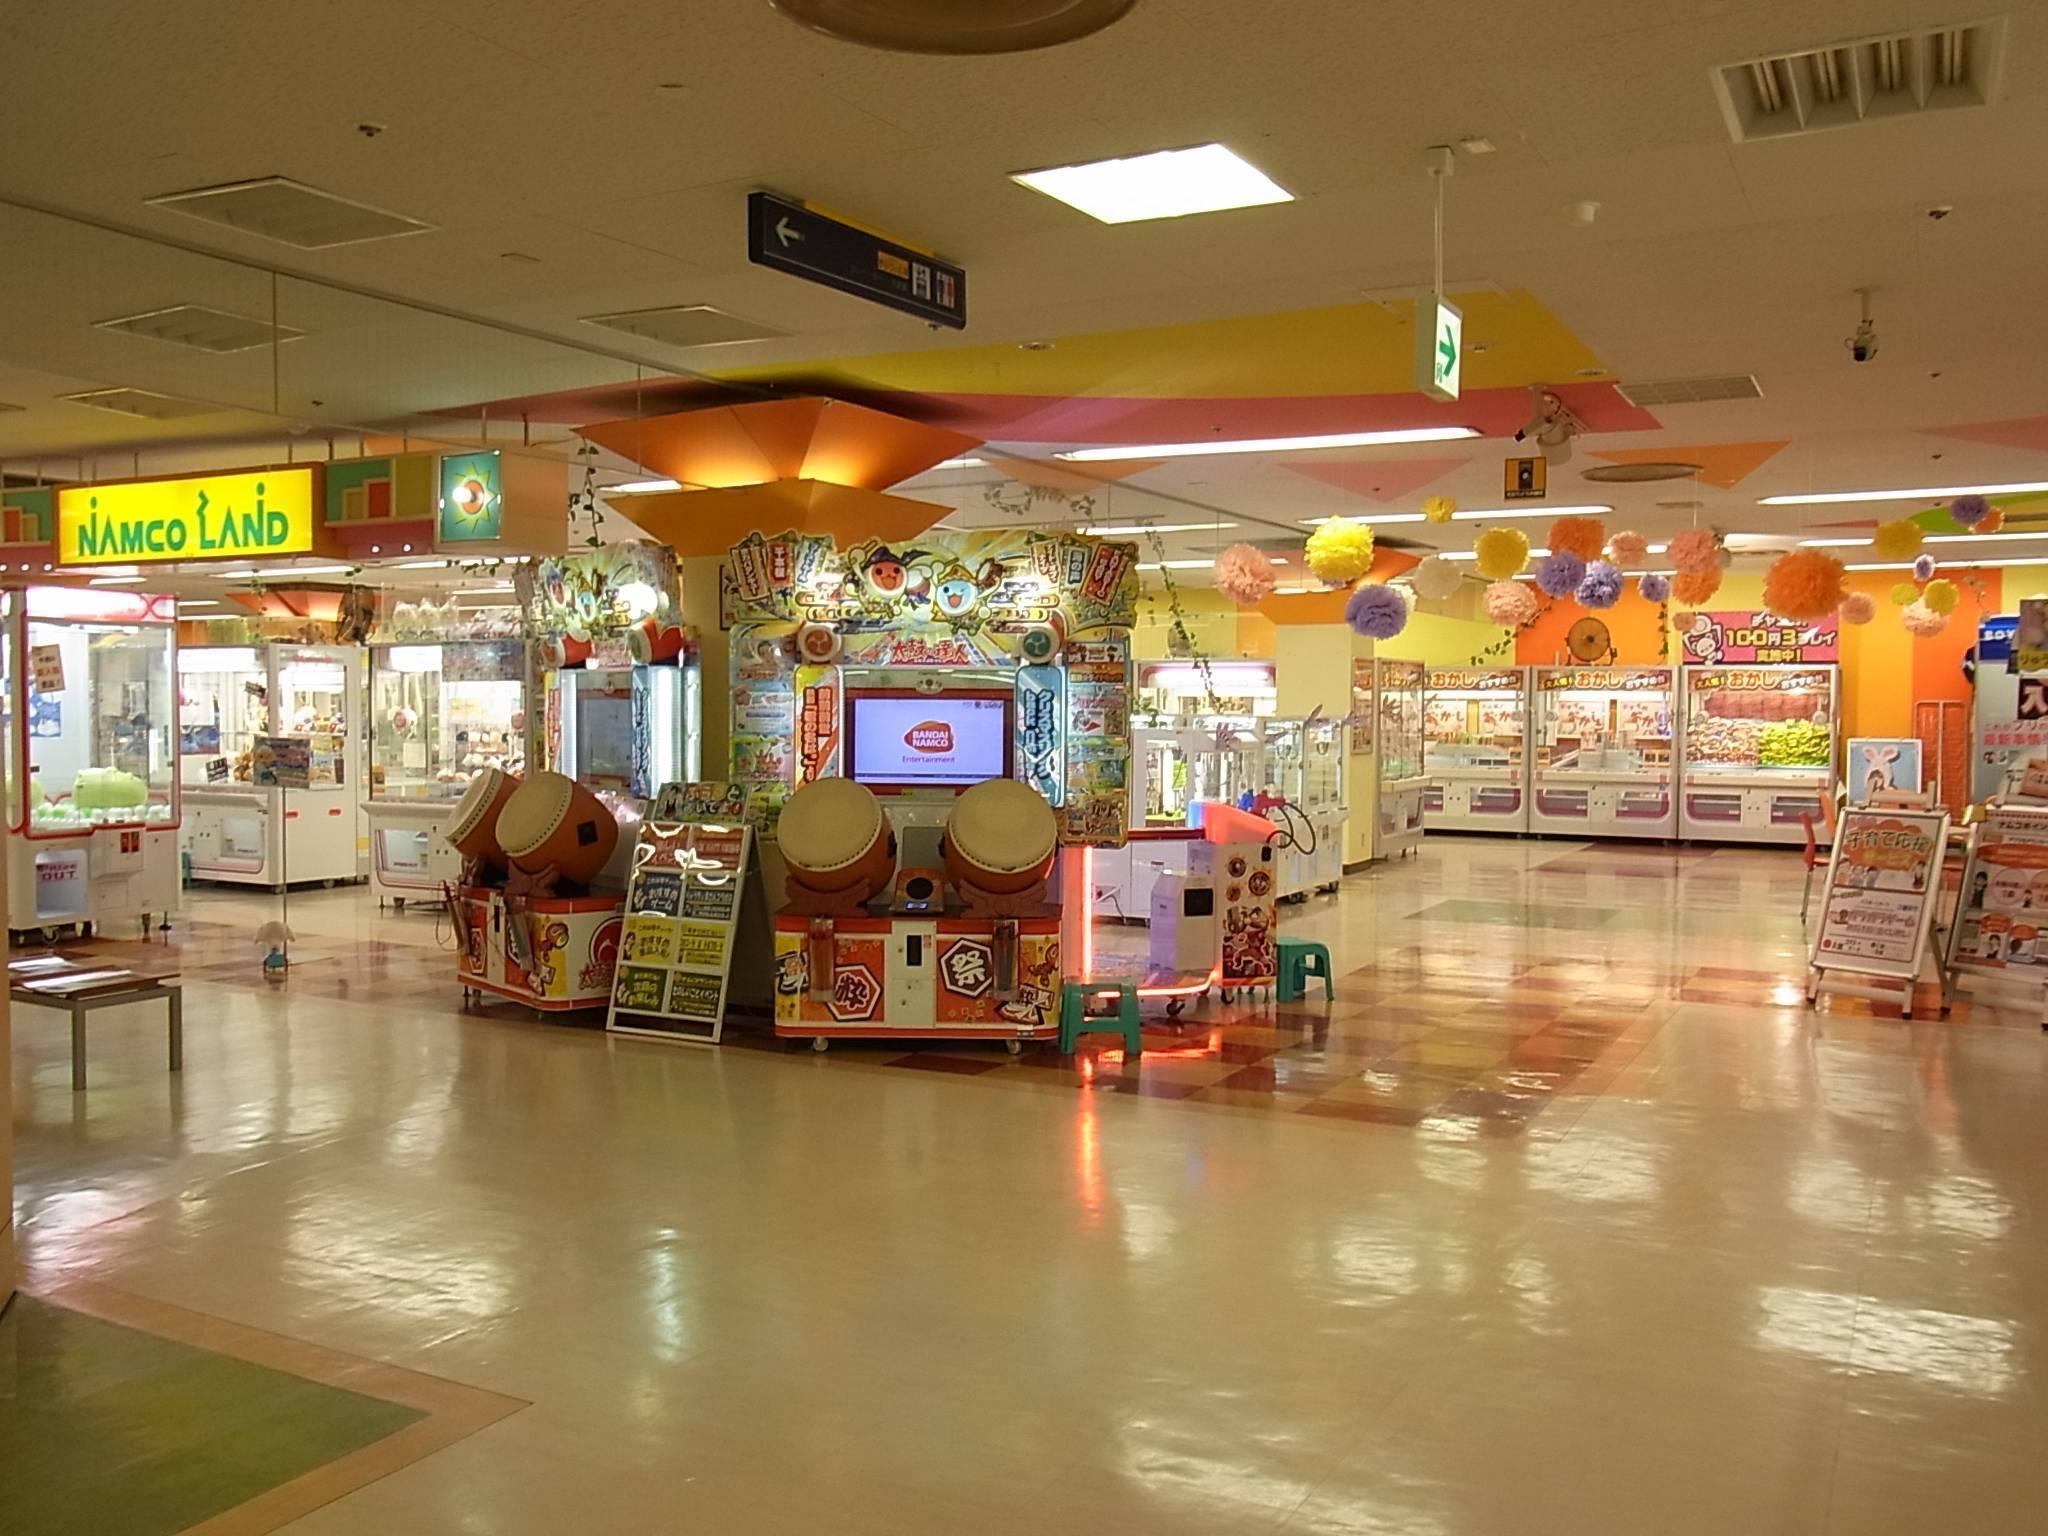 ナムコランドs mall店 施設トップ ゲームセンター バンダイナムコ